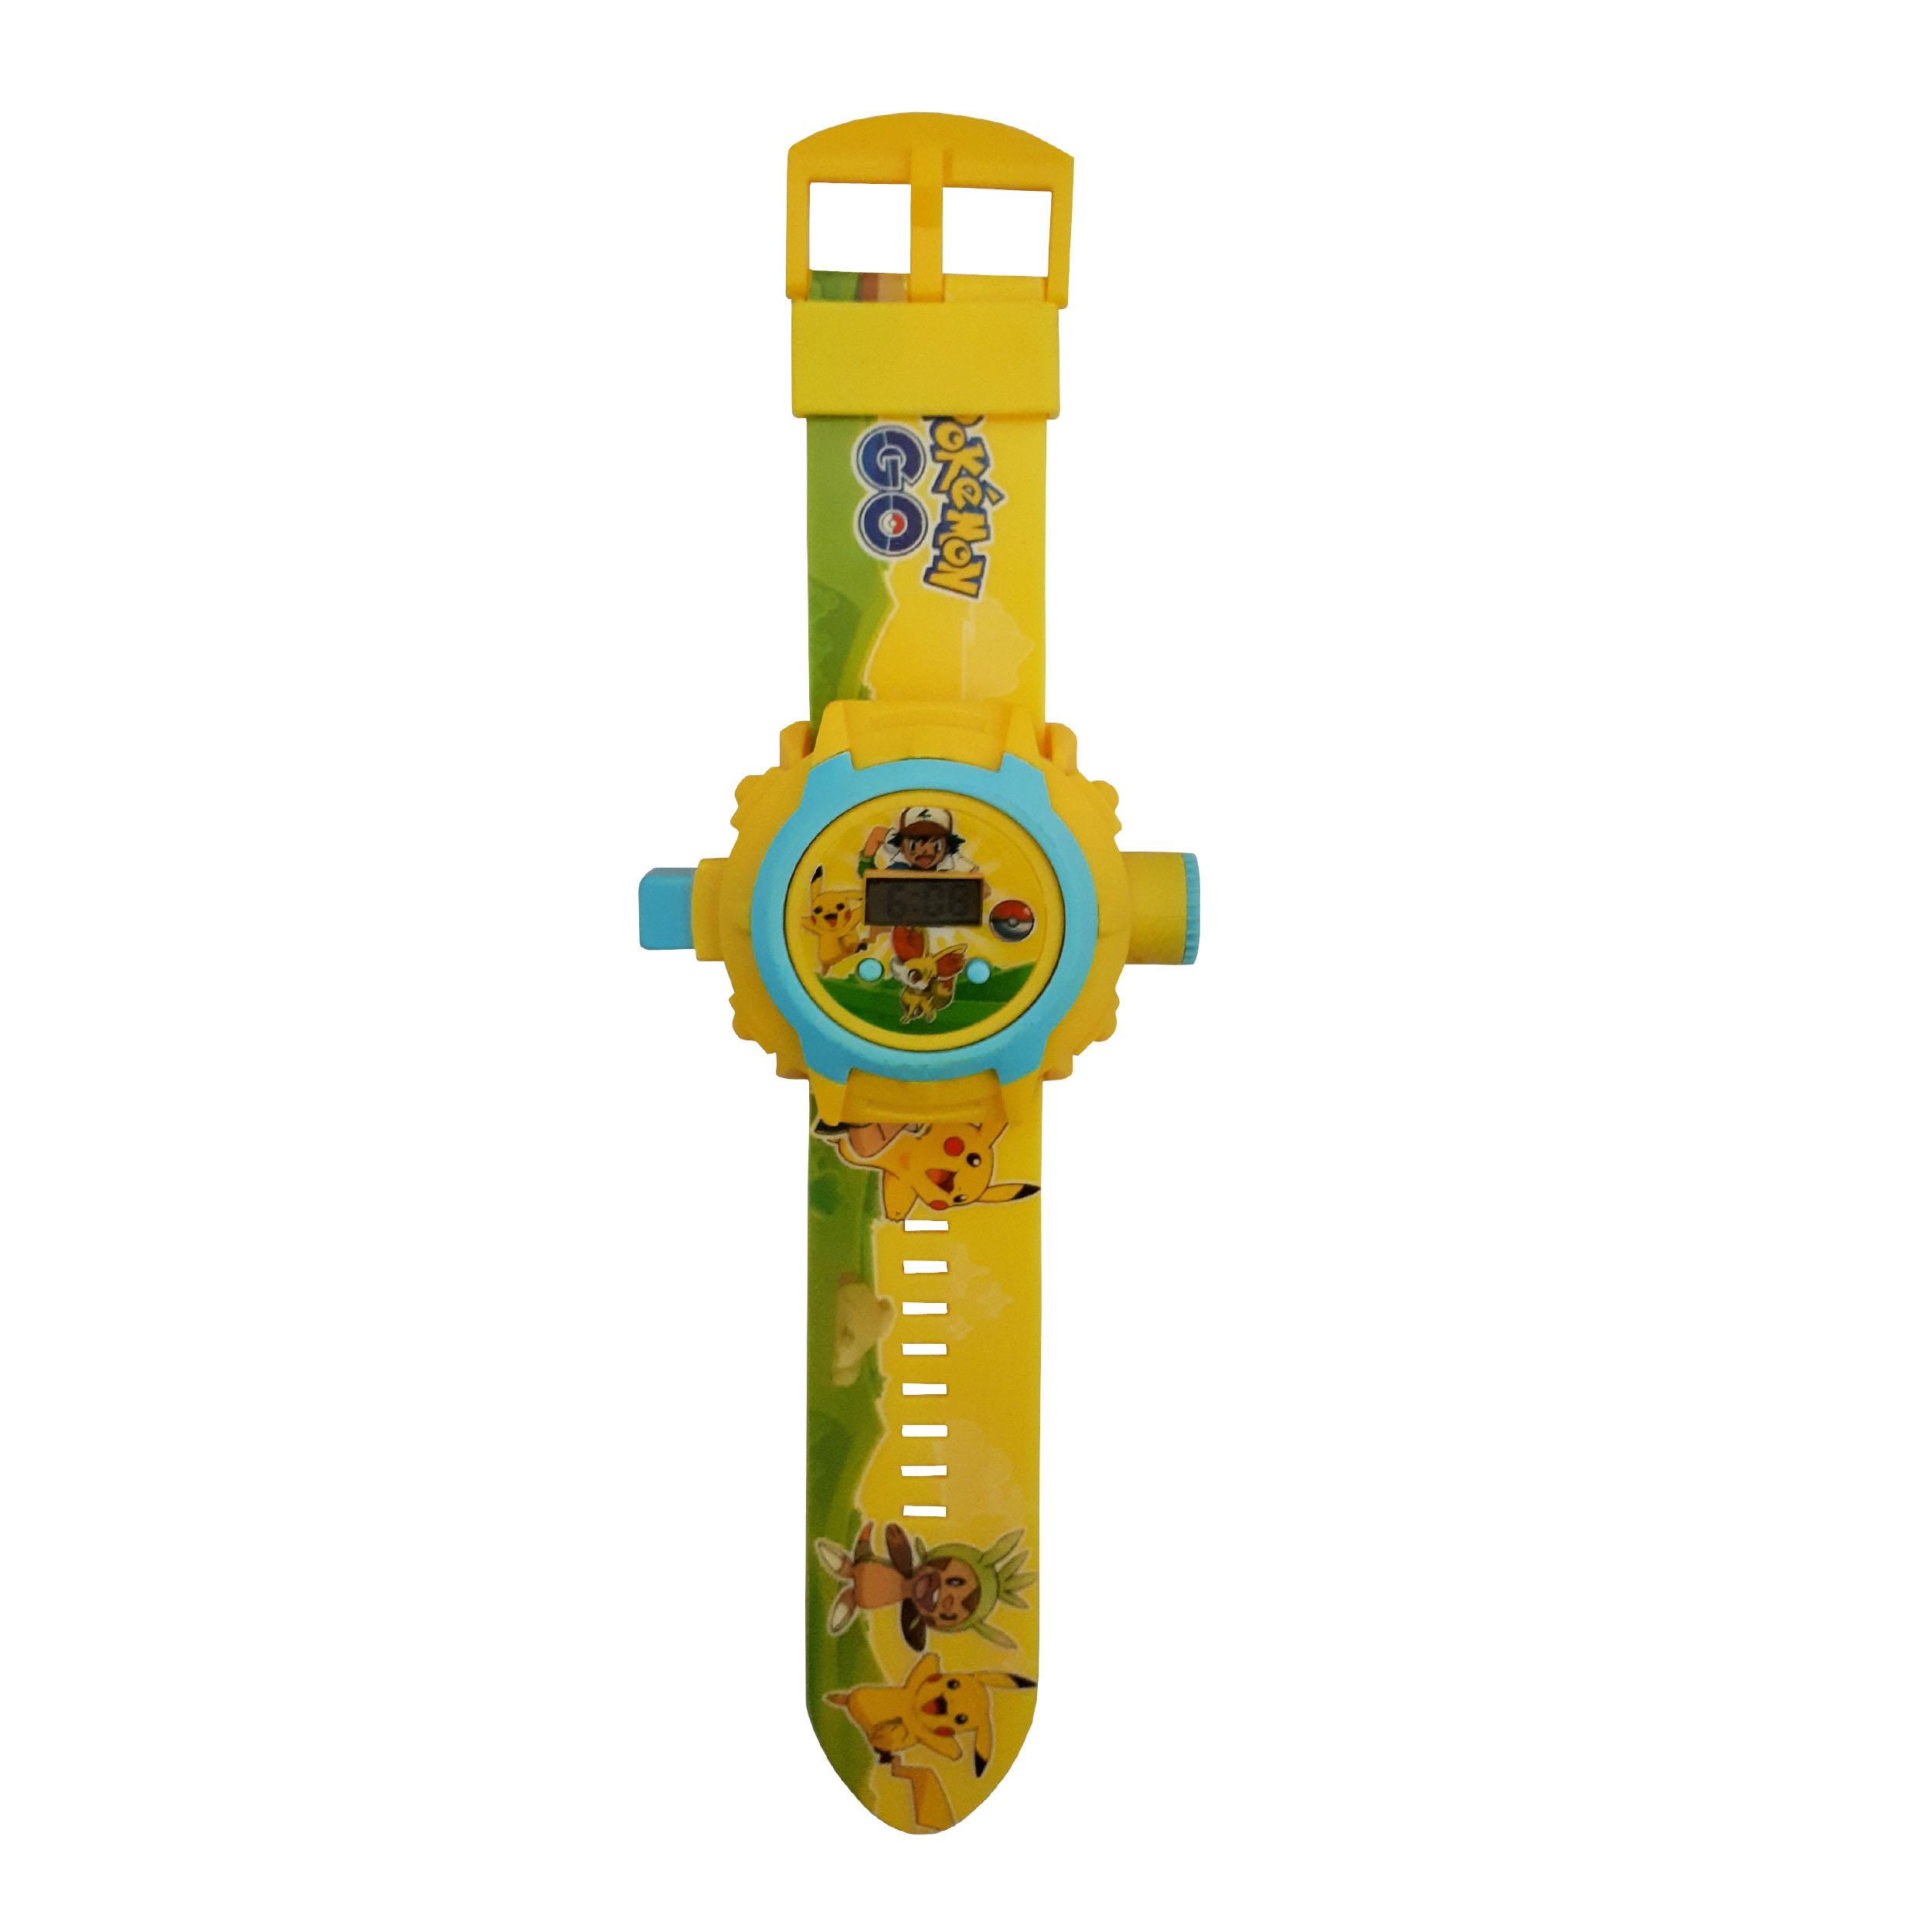 ساعت اسباب بازی مدل pokemon کد 10020